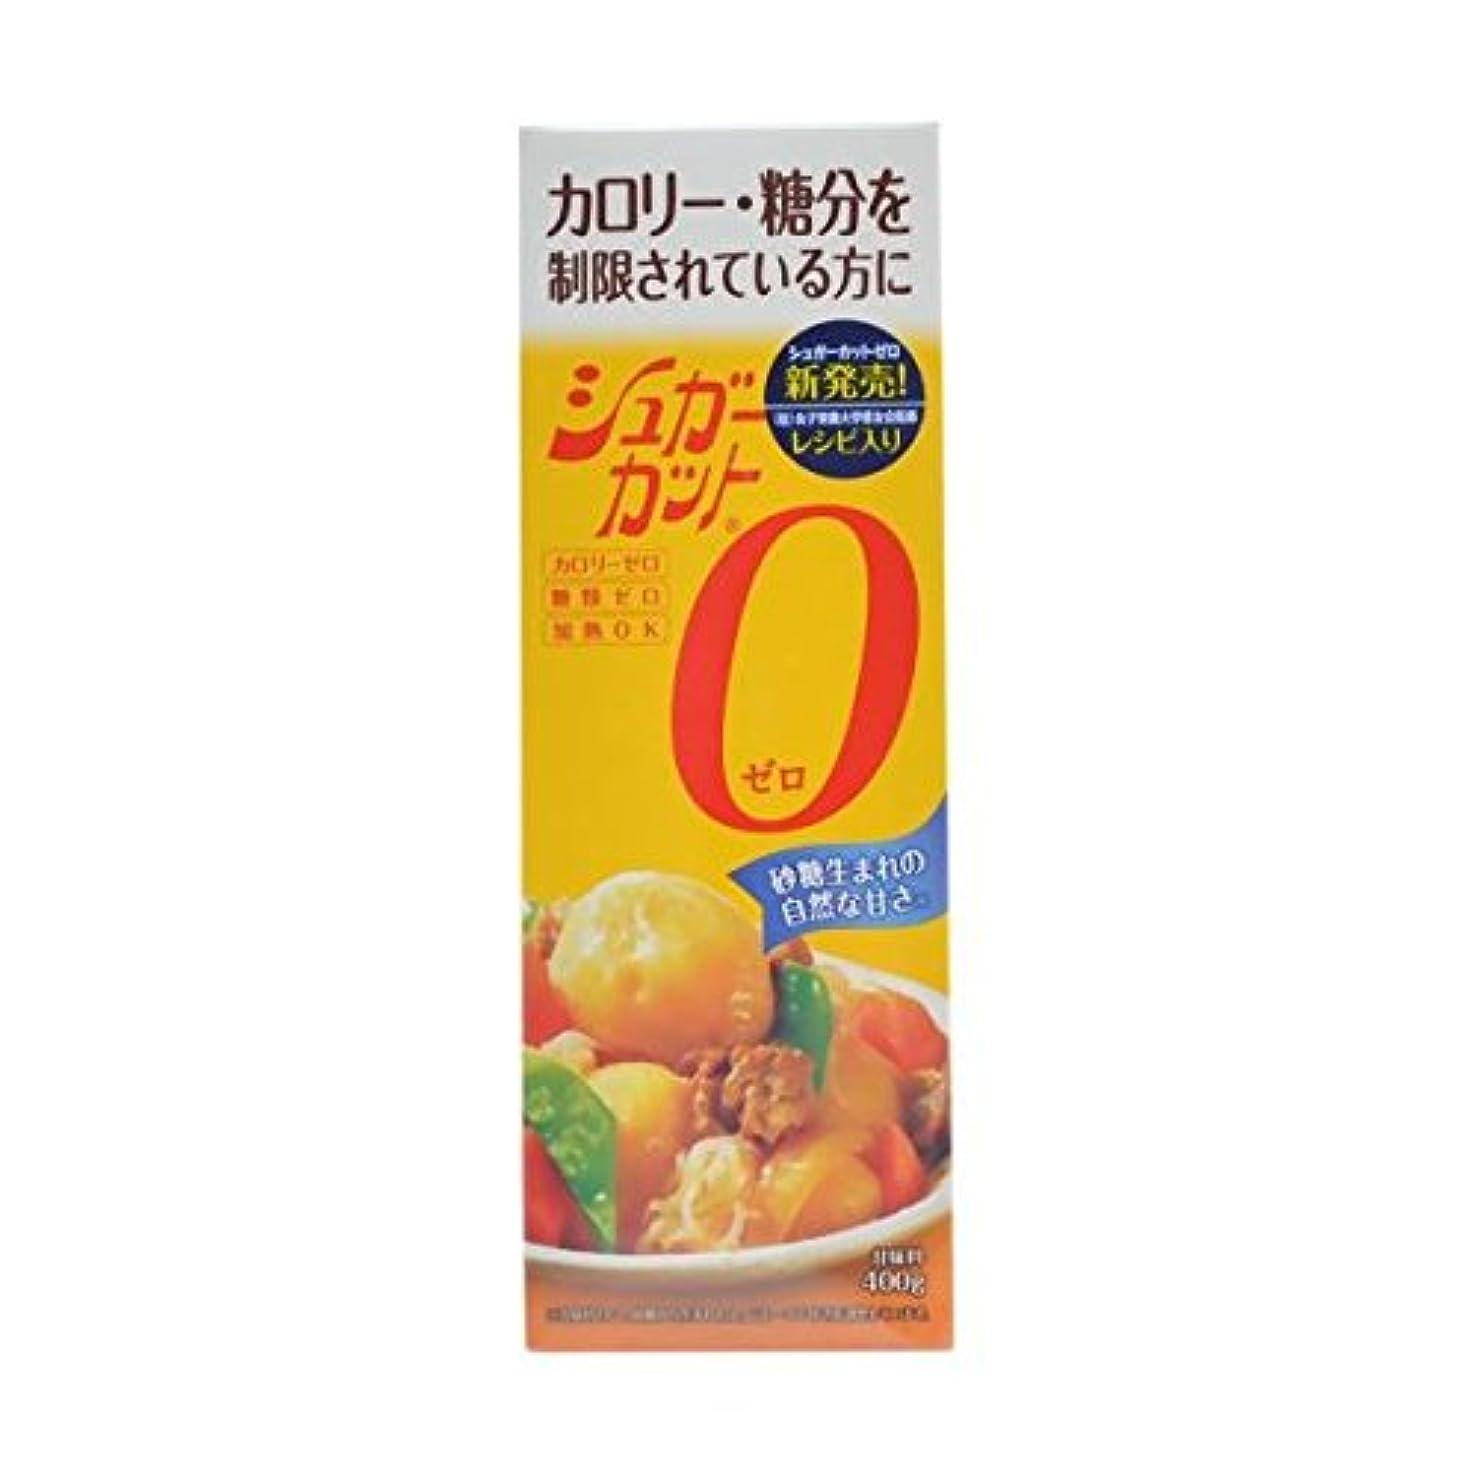 頼るモートタール浅田飴 シュガーカットゼロ 400g【2個セット】